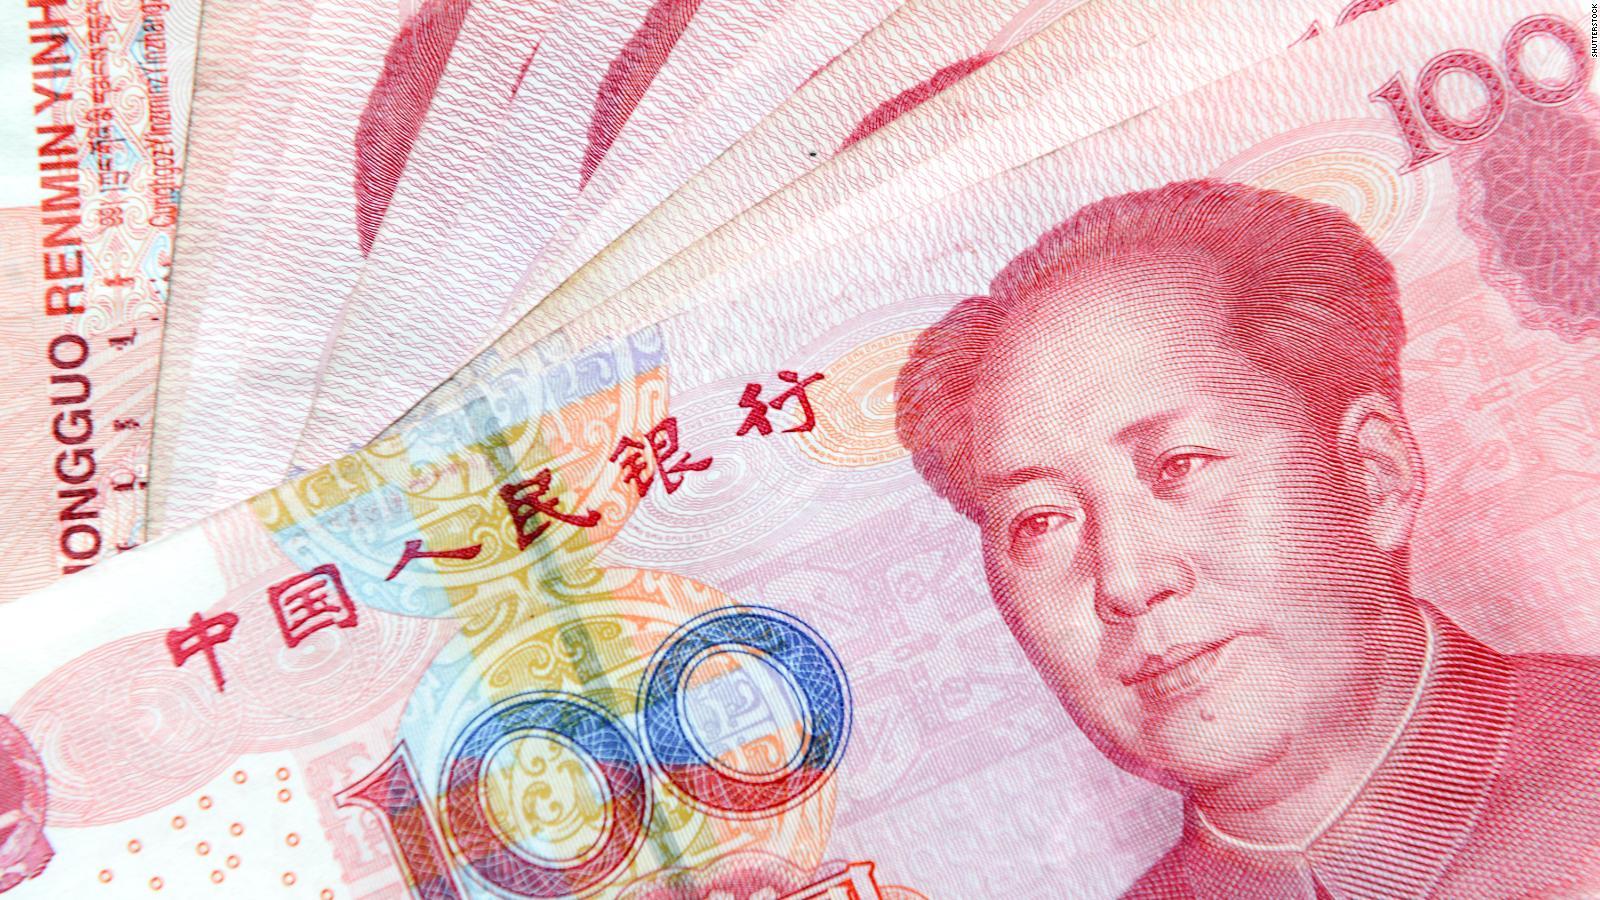 Informe señala que McDonald's, Subway y Starbucks están entre las empresas invitadas a participar en la prueba piloto del yuan digital en Xiong'an